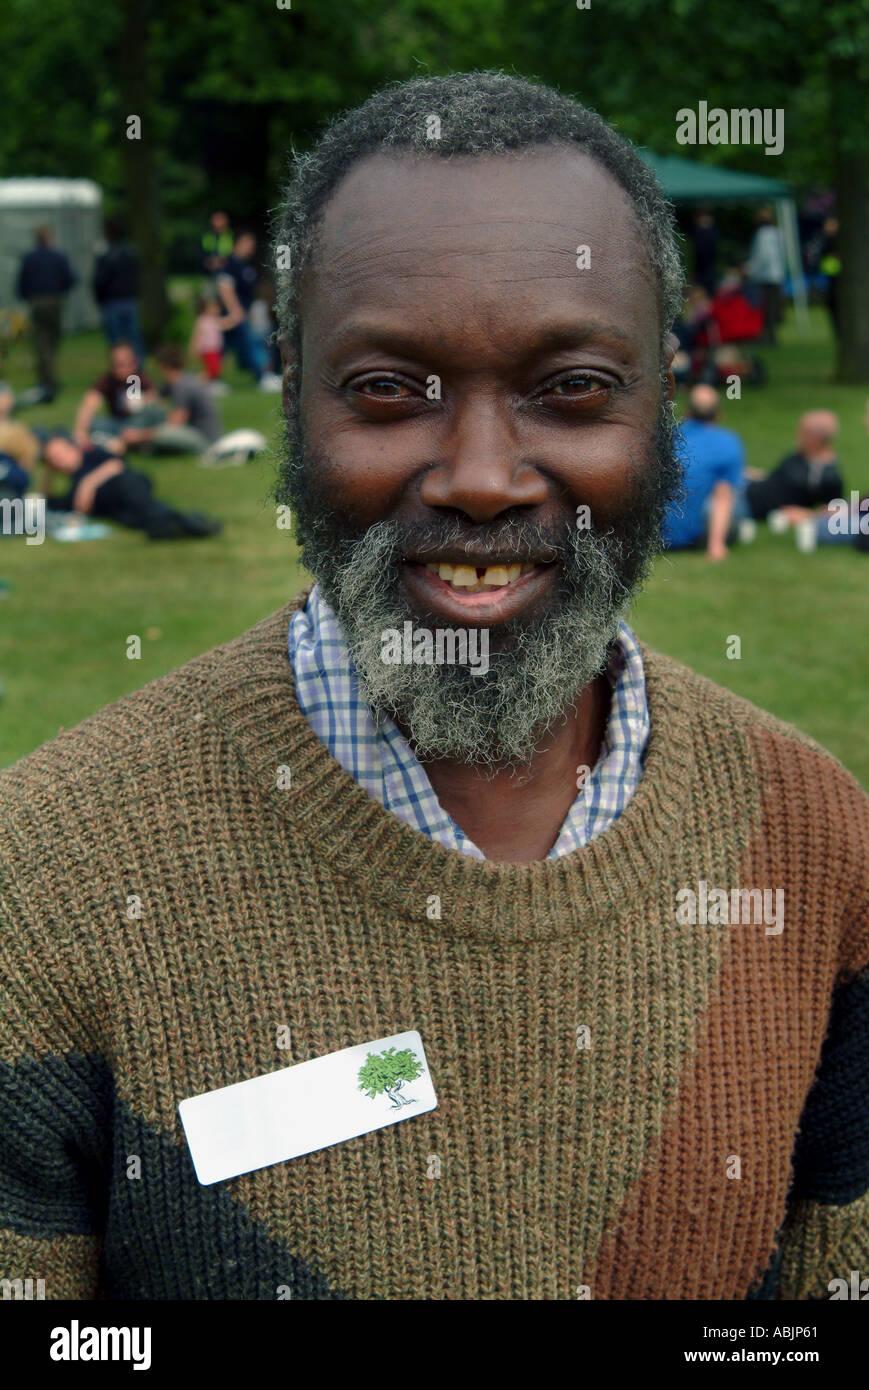 40 year old black man